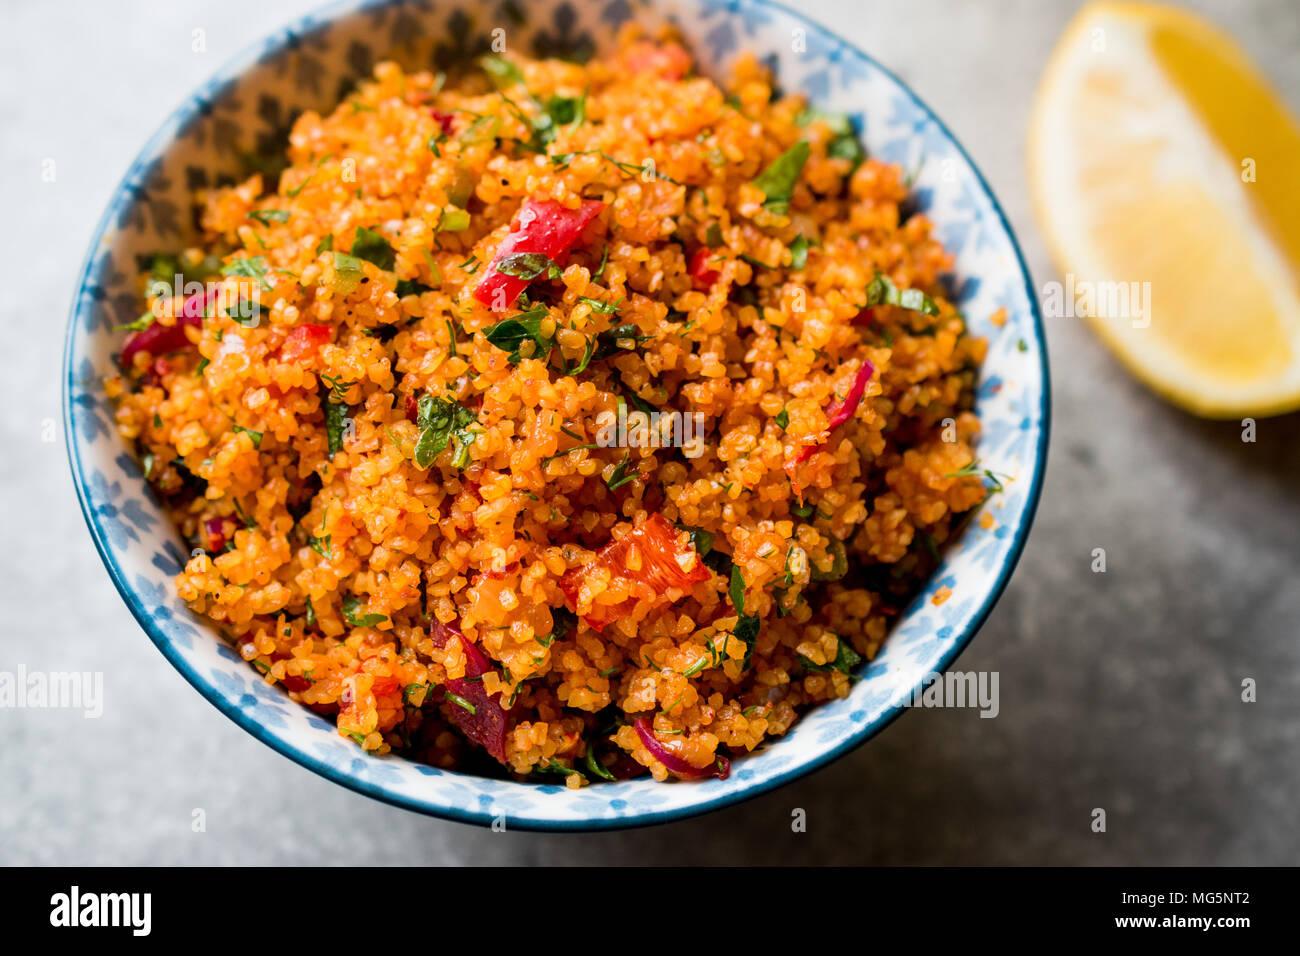 Türkische Küche Rezepte Kisir | Türkische Küche Rezepte Youtube